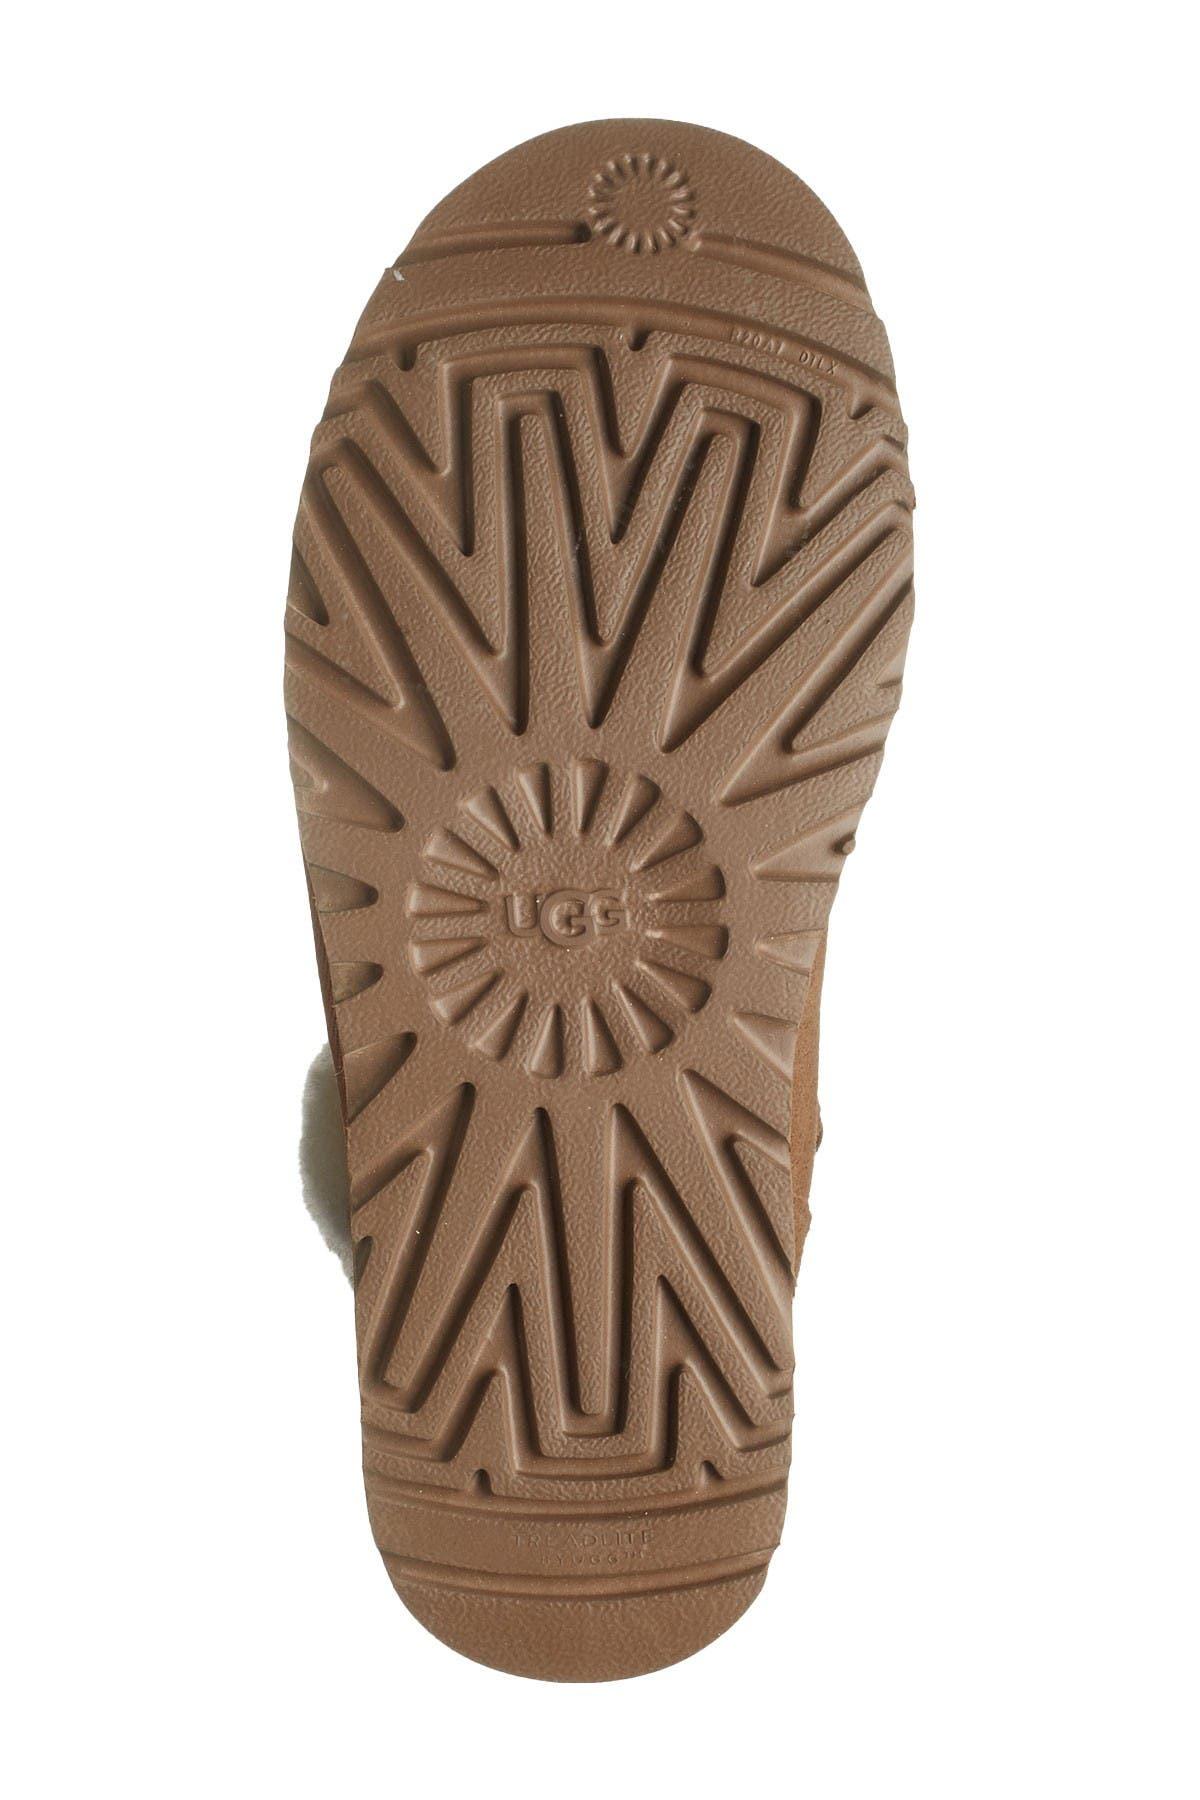 UGG Klea Genuine Lamb Fur Tall Boot